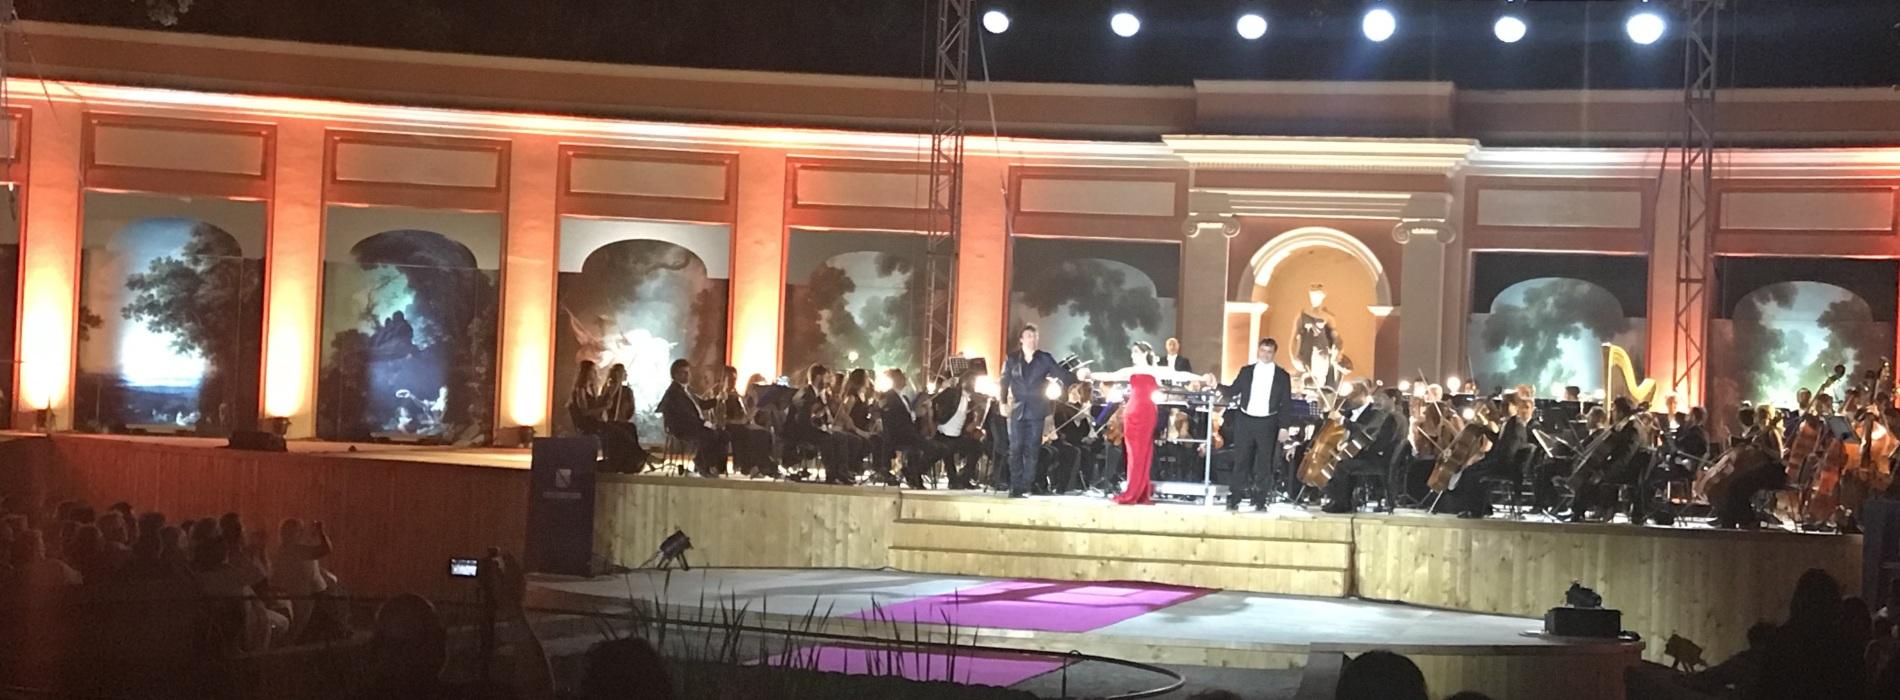 L'estate casertana trova il suo re, è il tenore Jonas Kaufmann